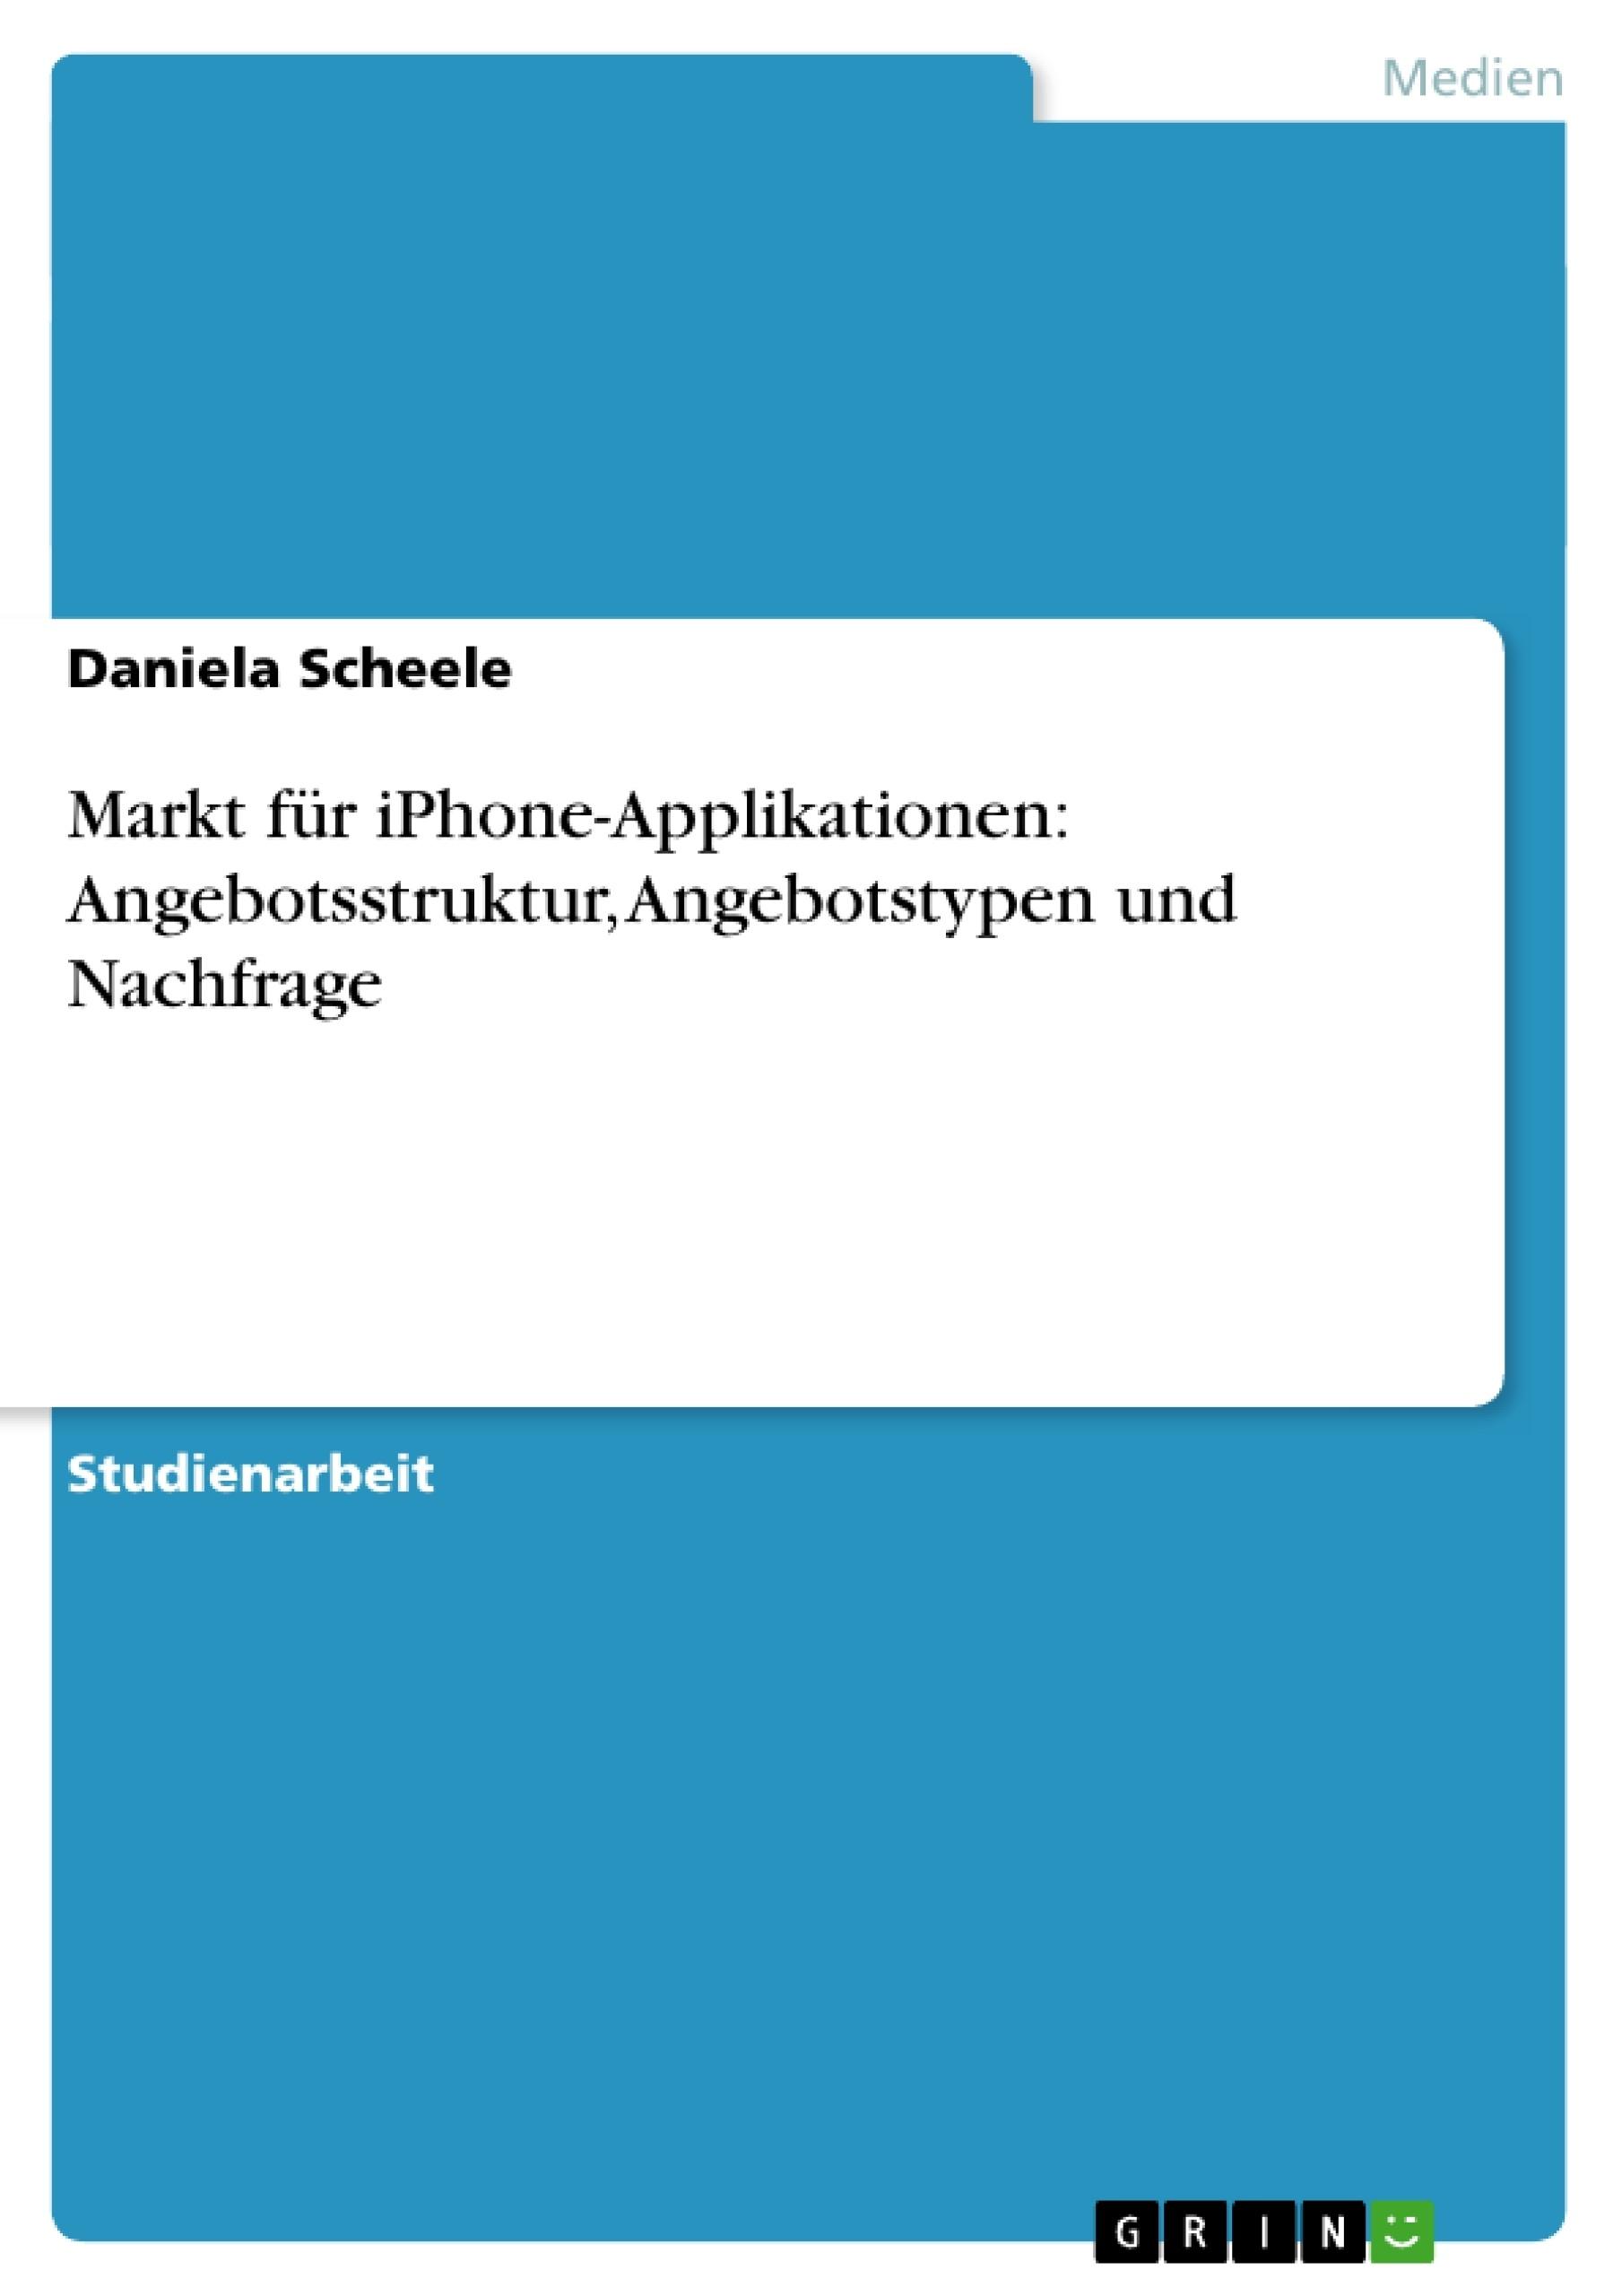 Titel: Markt für iPhone-Applikationen: Angebotsstruktur, Angebotstypen und Nachfrage